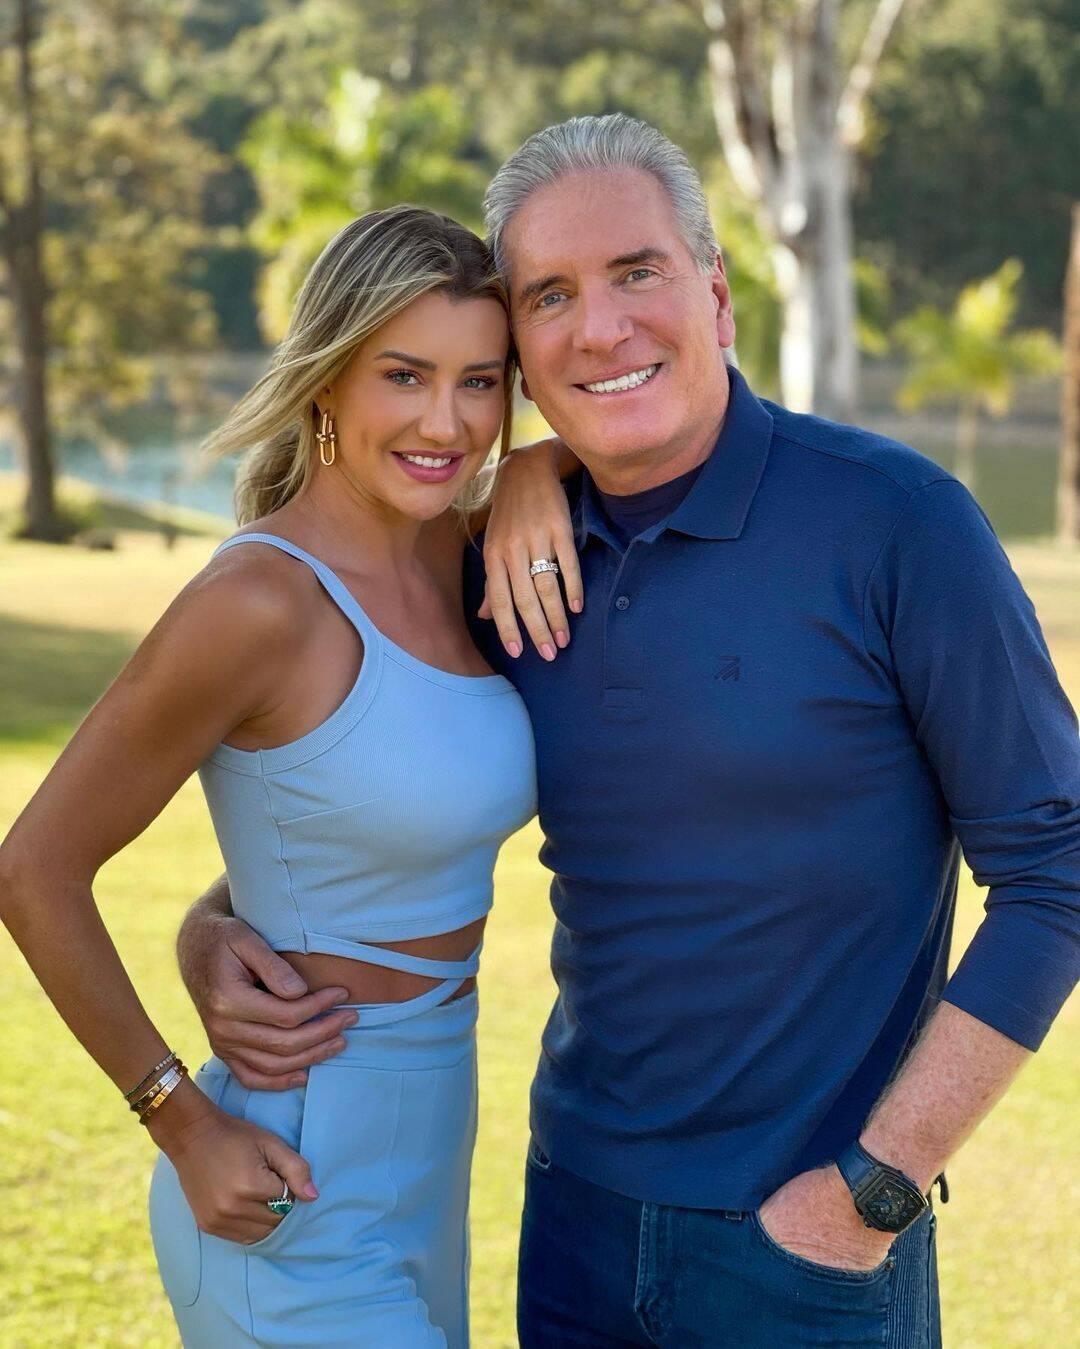 O apresentador Roberto Justus já foi casado quatro vezes, antes de se unir com Ana Paula Siebert, sua atual esposa. (Foto: Instagram)